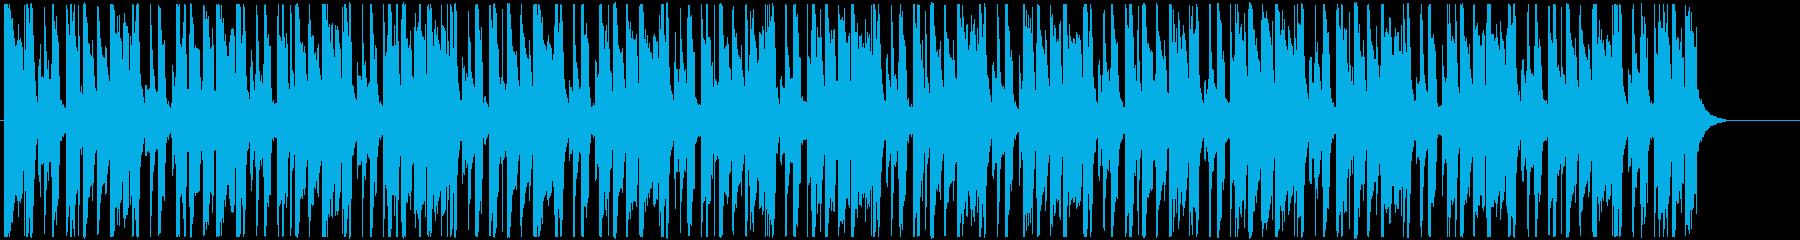 コミカルで愉快なエレクトロファンクの再生済みの波形